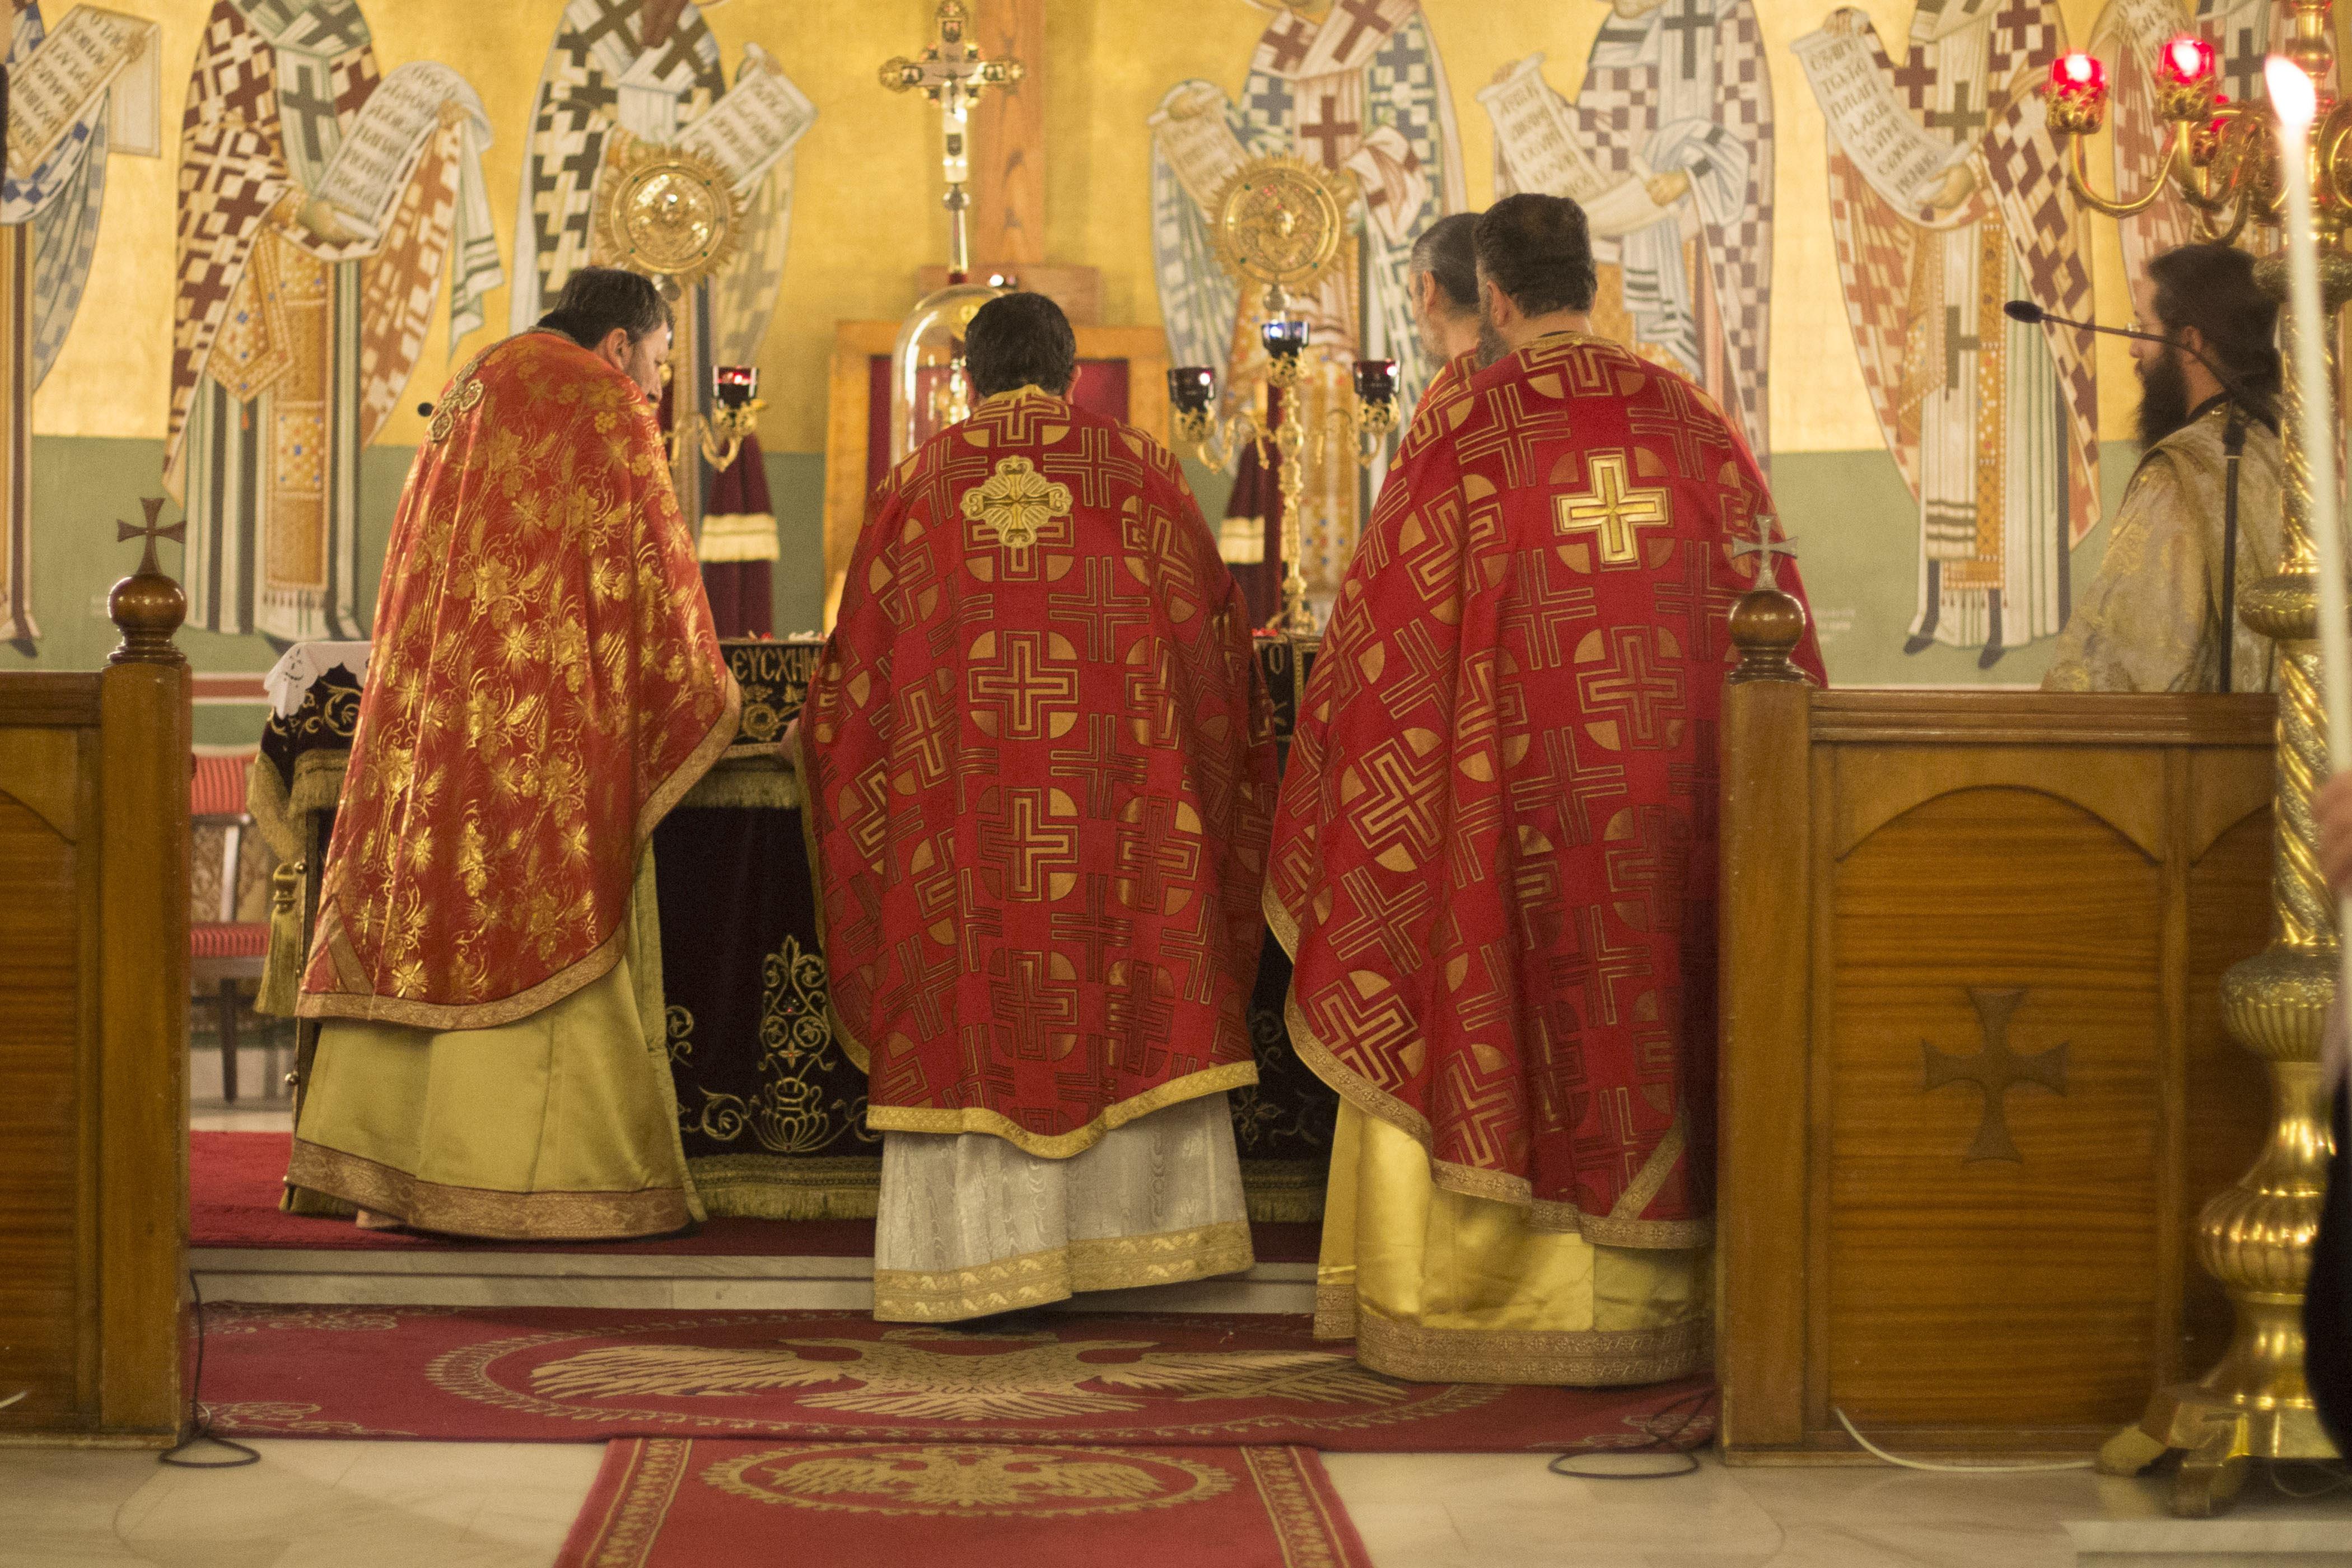 Kokaint rejtett a reverendája alá, savval támadt a püspökökre